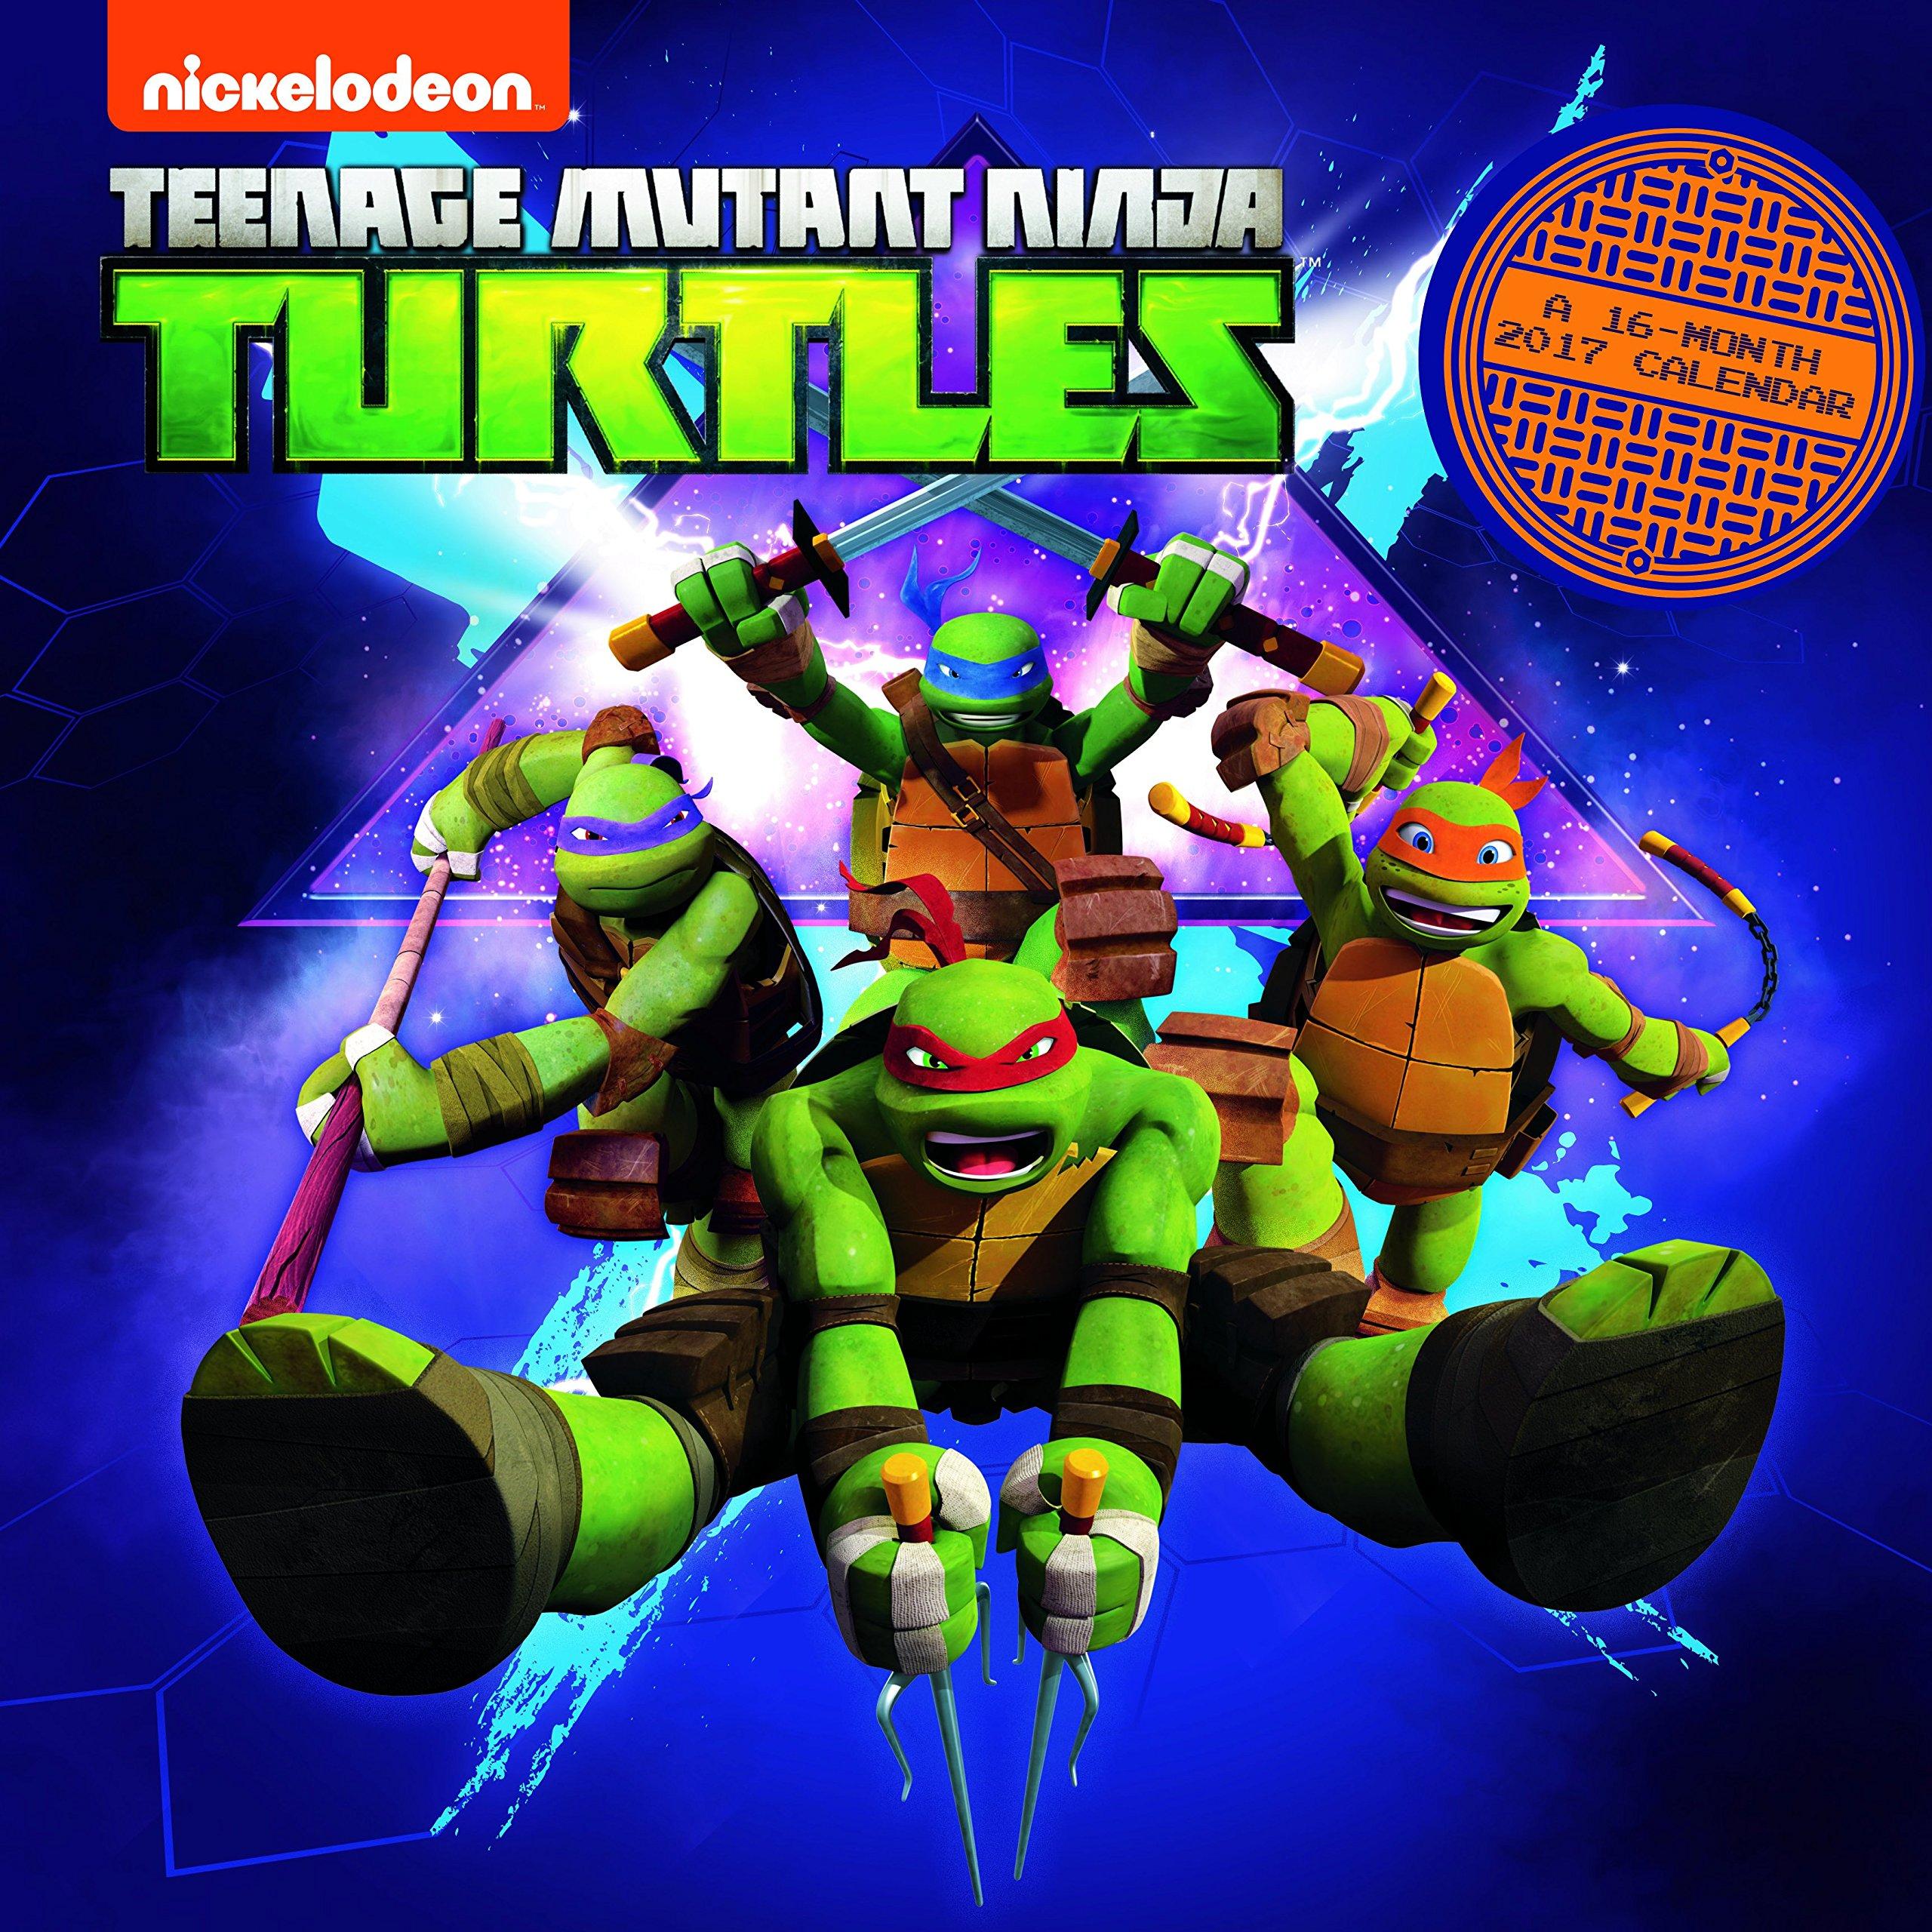 Teenage Mutant Ninja Turtles 2017 Calendar: Amazon.es ...